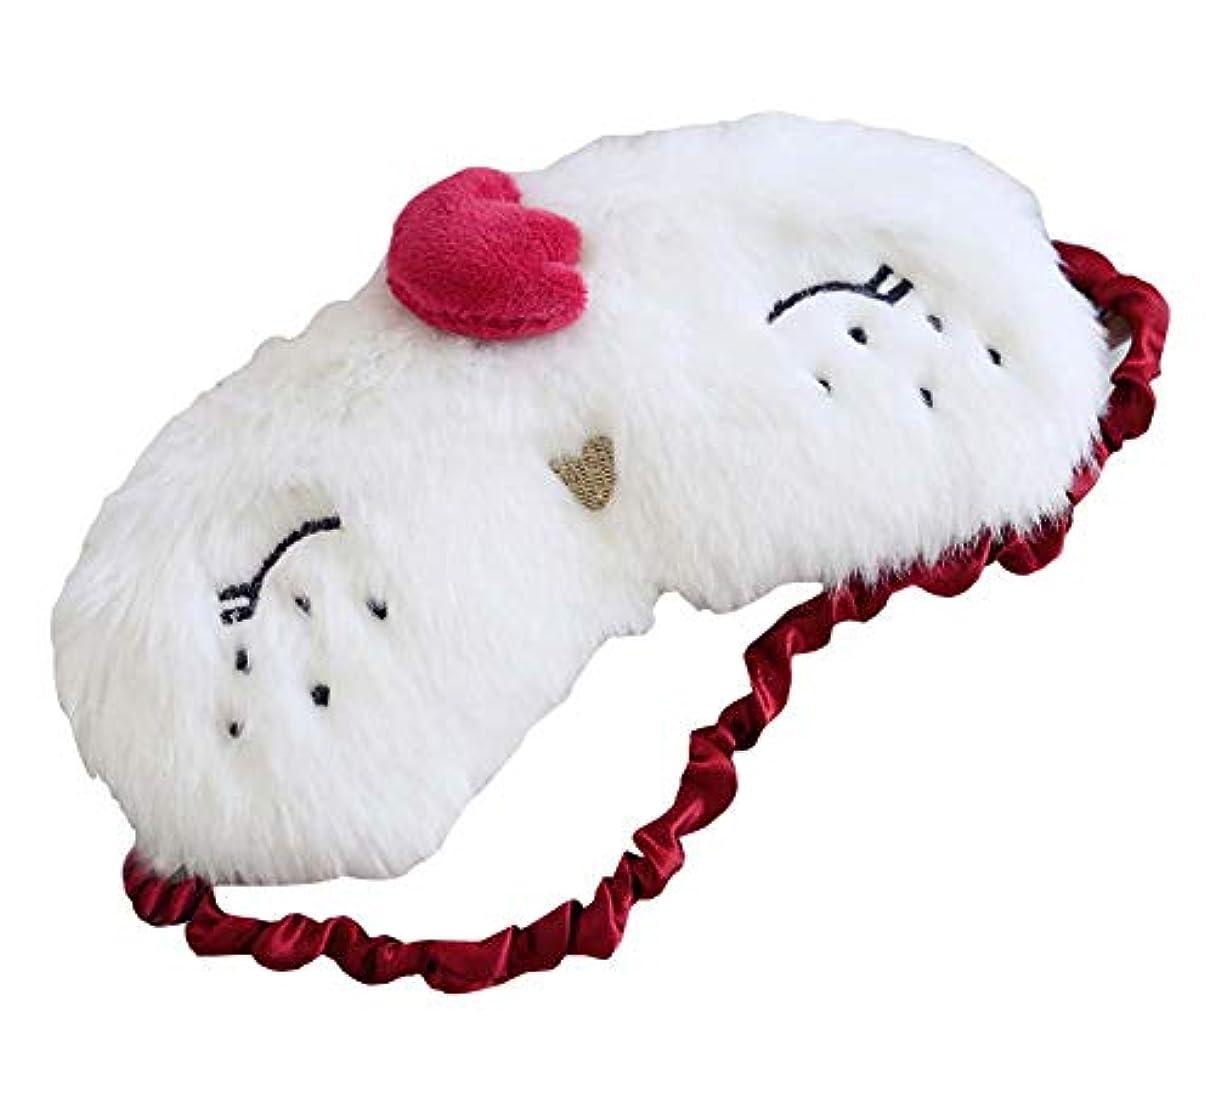 緩やかな落ち着かないハーブかわいい動物漫画チキン睡眠アイマスクソフトアイカバー目隠しマスク